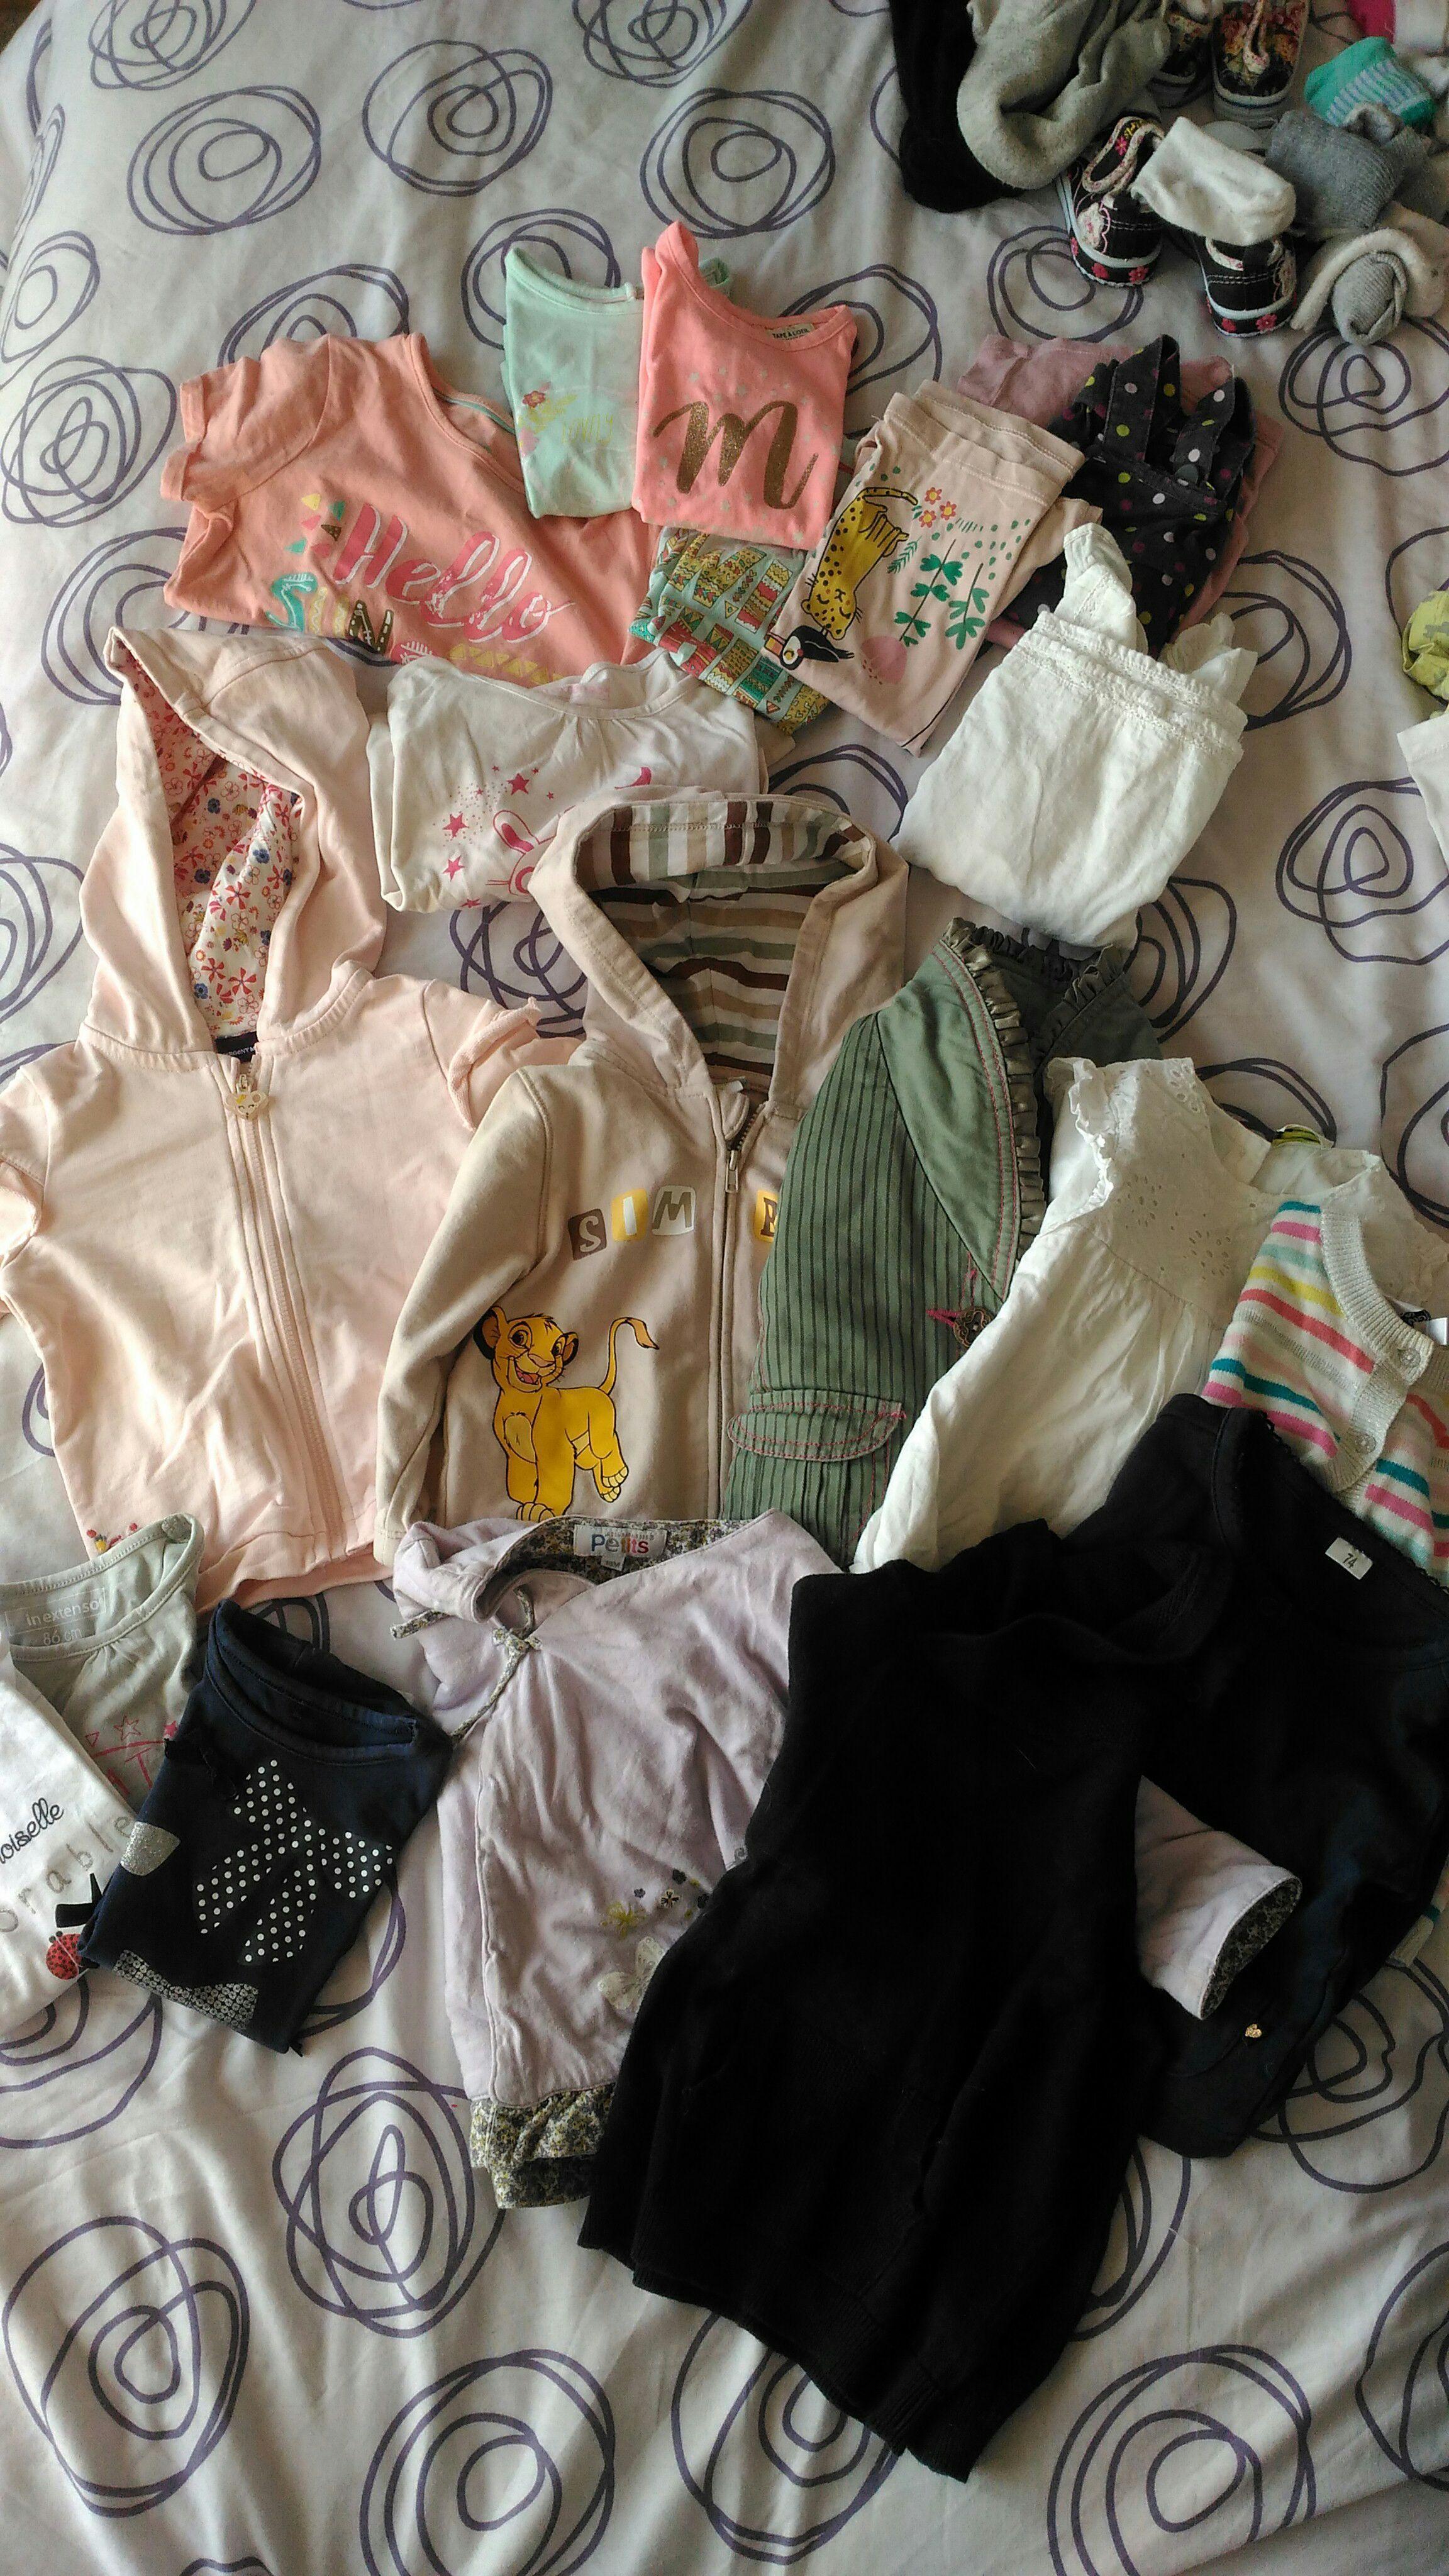 troc de troc troc lot vêtements bb filles 12/18 mois image 1